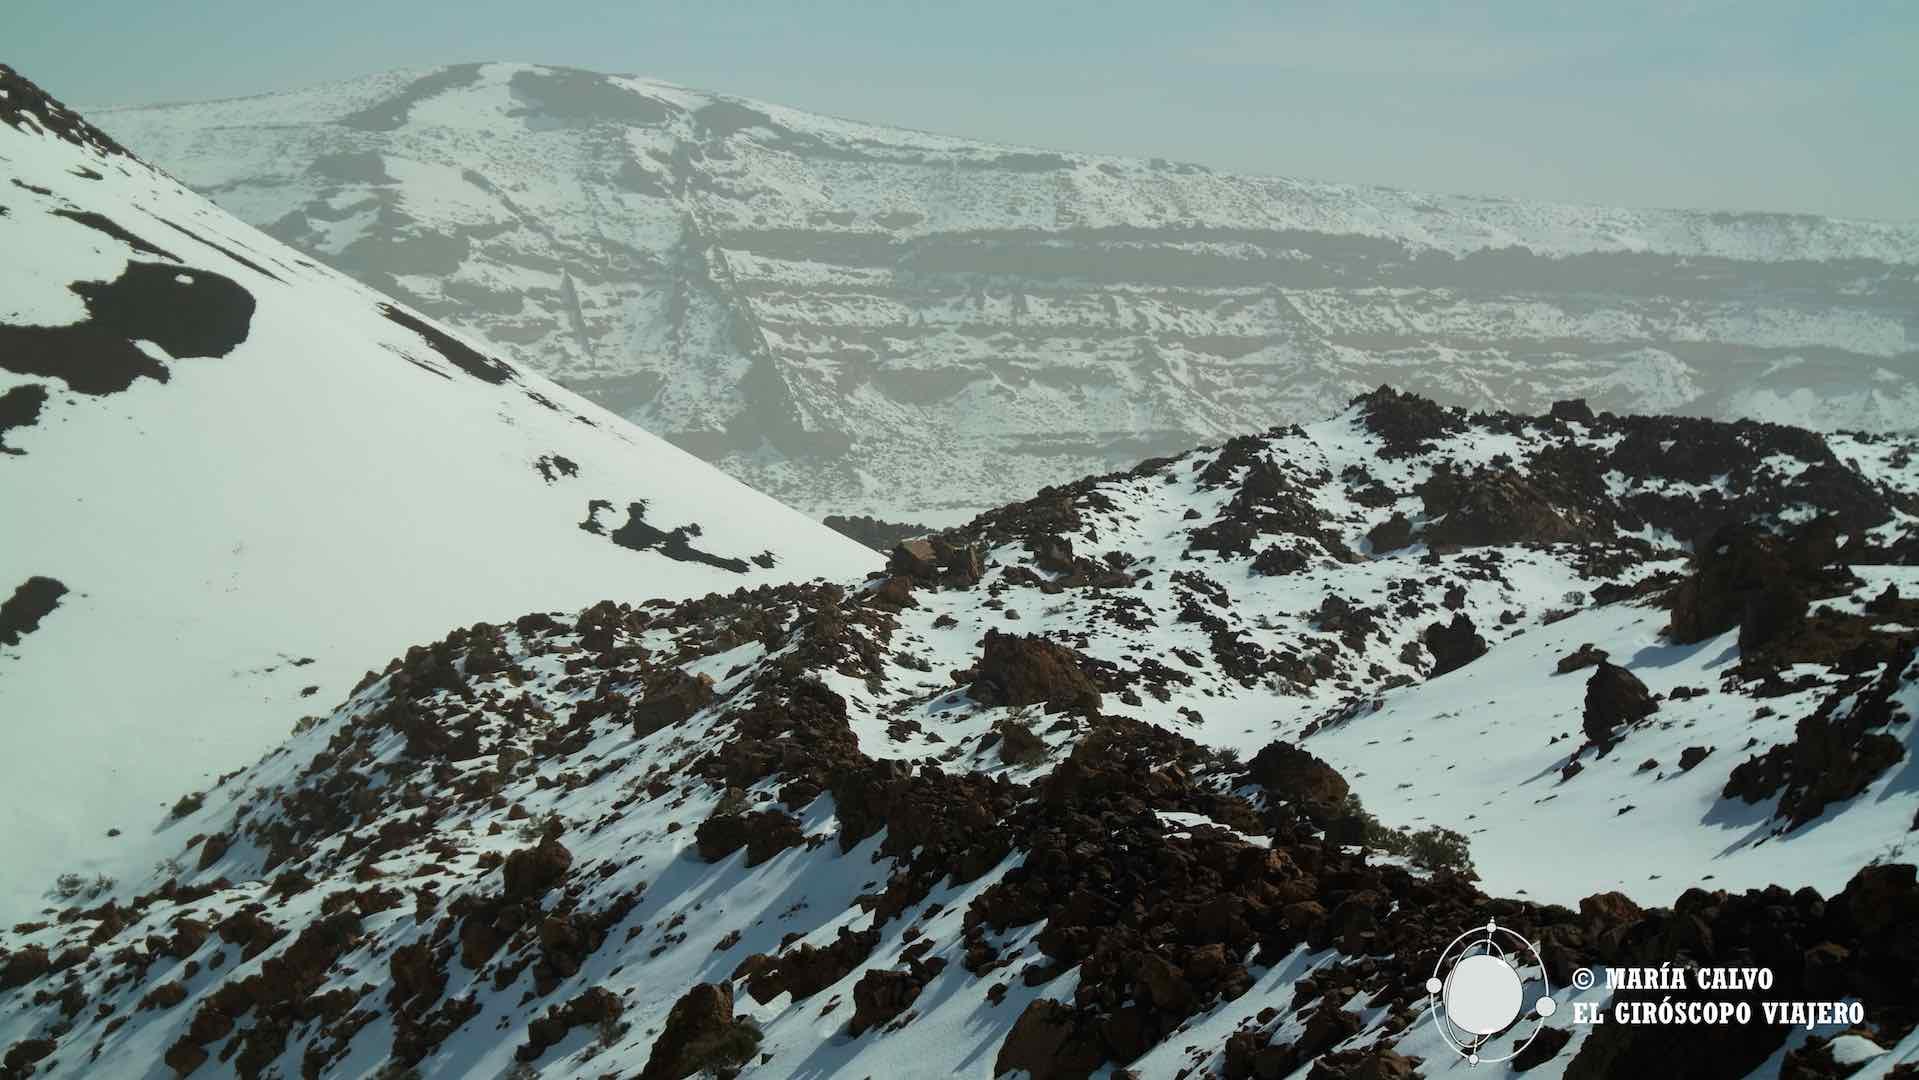 Paisaje volcánico con nieve para subir al Teide